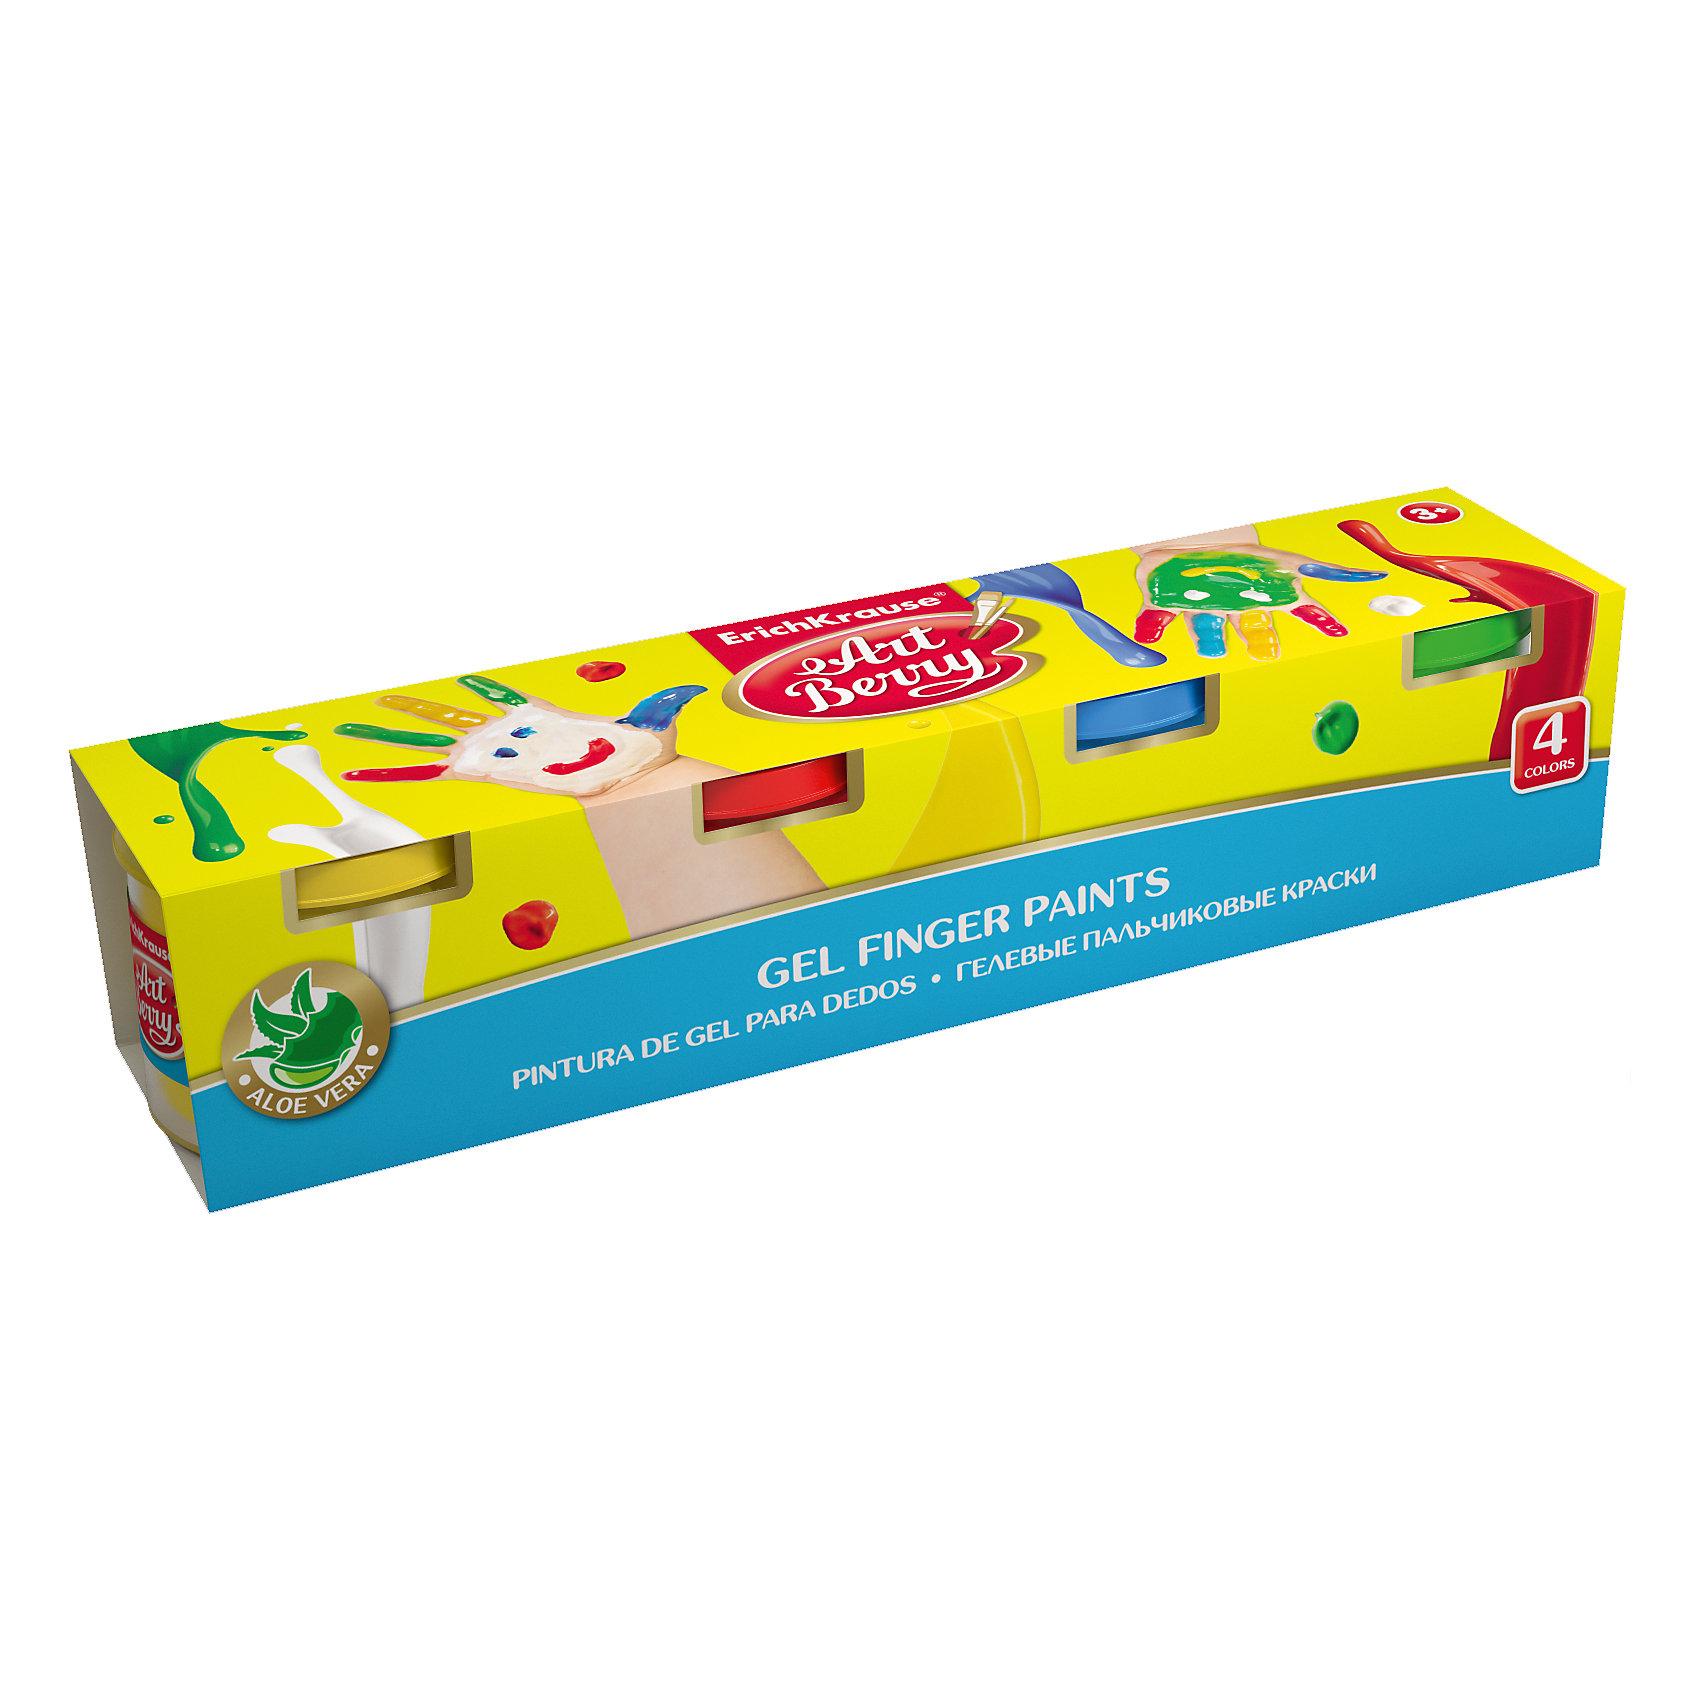 Пальчиковые краски ArtBerry с Алоэ Вера, 4 цвета по 100млРисование<br>4 баночки объемом 100 мл: желтый, красный, синий, зеленый. упаковка: картонная коробка.<br><br>Ширина мм: 260<br>Глубина мм: 55<br>Высота мм: 57<br>Вес г: 618<br>Возраст от месяцев: 60<br>Возраст до месяцев: 216<br>Пол: Унисекс<br>Возраст: Детский<br>SKU: 5409226